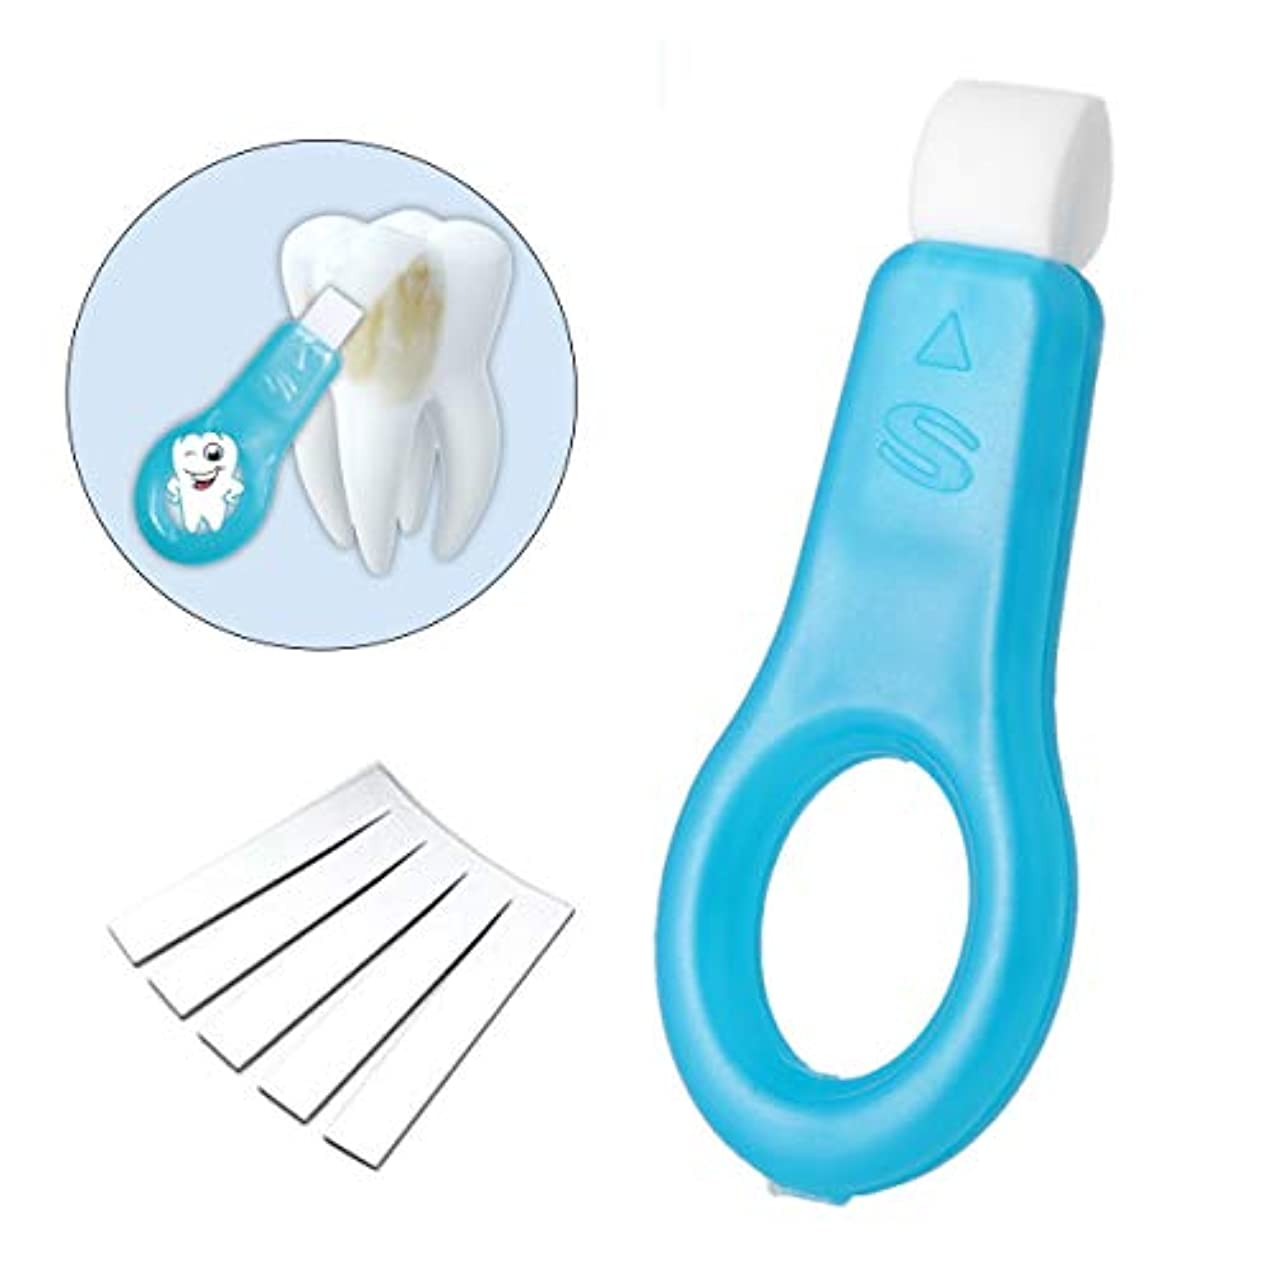 日焼け床黒人Ourine 歯 消しゴム ピーリングスポンジ ホームケア用 ホワイトニング ブラシ歯をきれいにするキット 本体 (ブルー)+替えスポンジ5枚 セット (青)